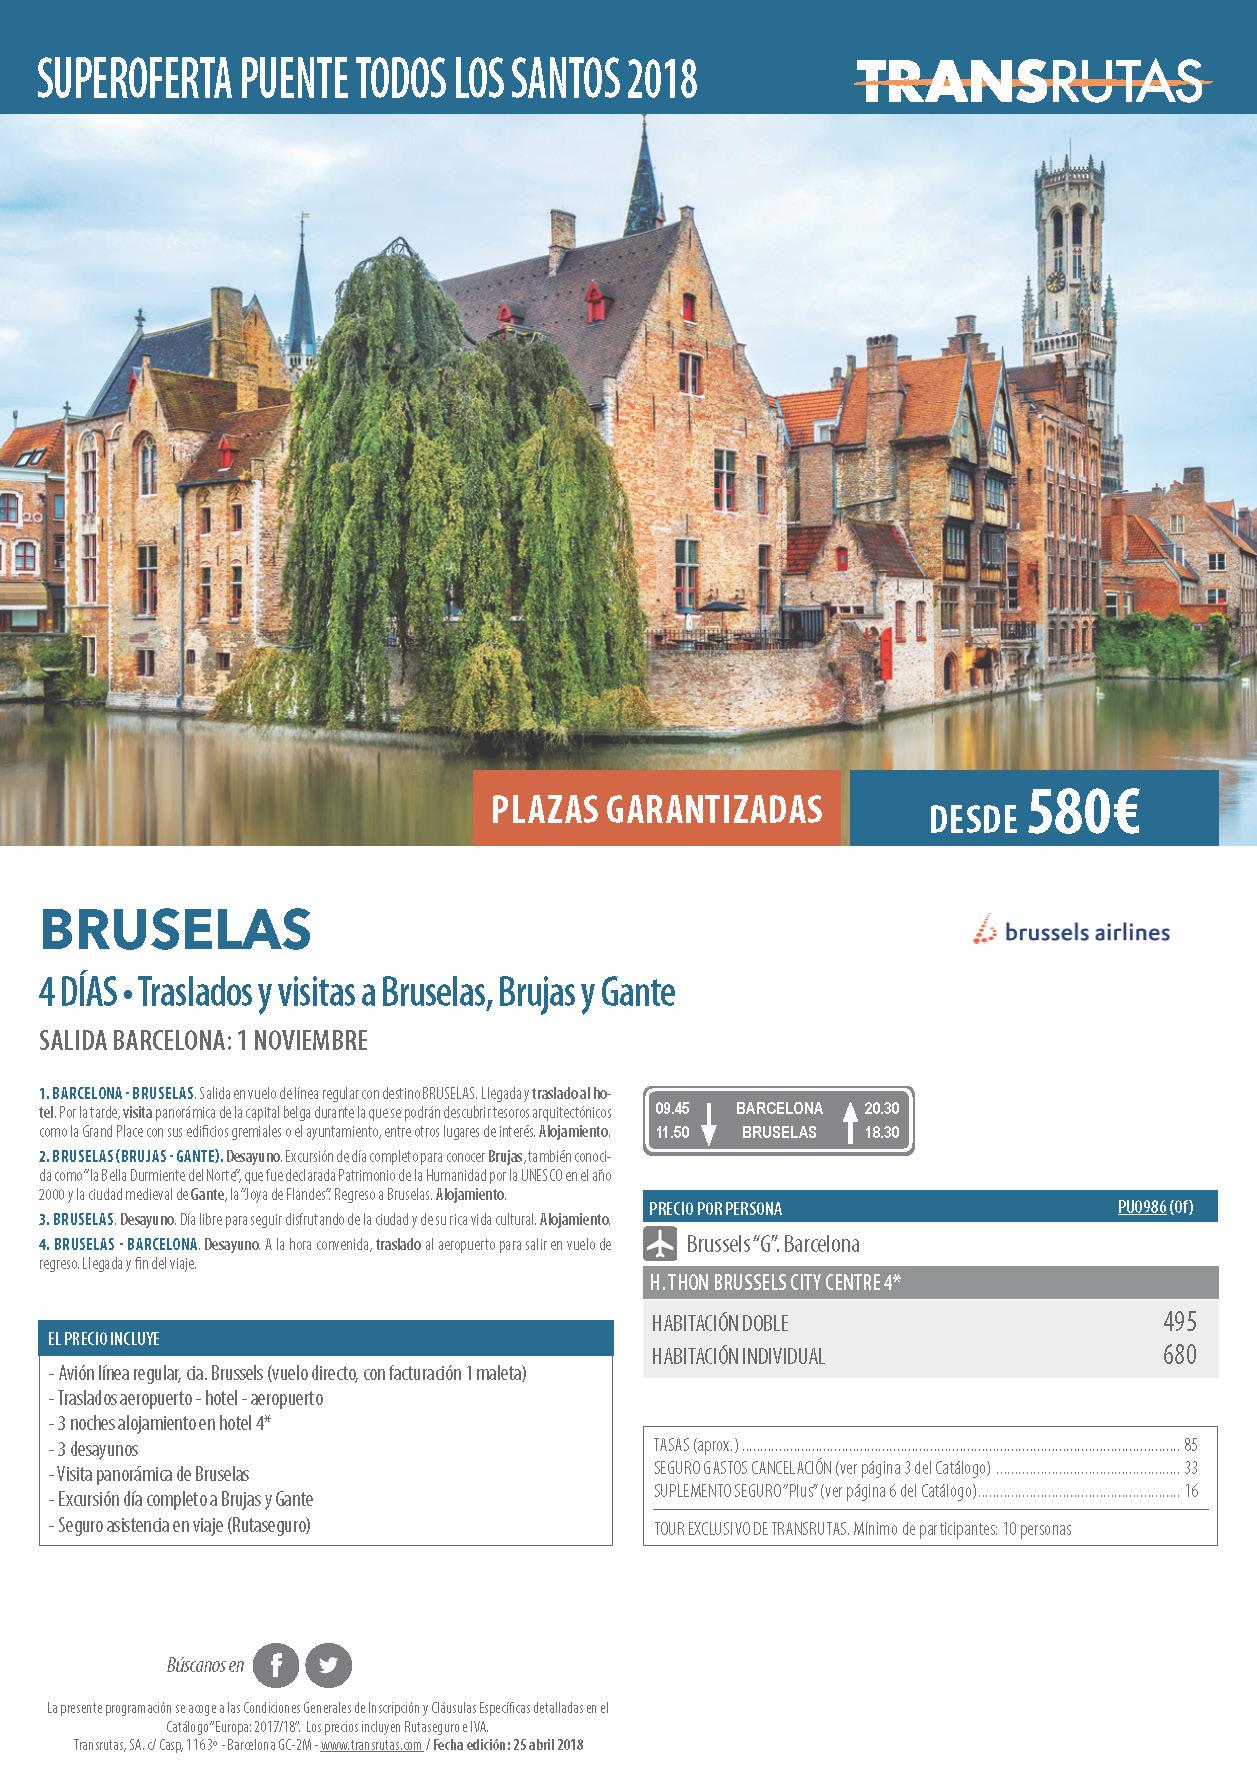 Oferta Transrutas Puente de Todos los Santos 2018 en Bruselas vuelo directo desde Barcelona